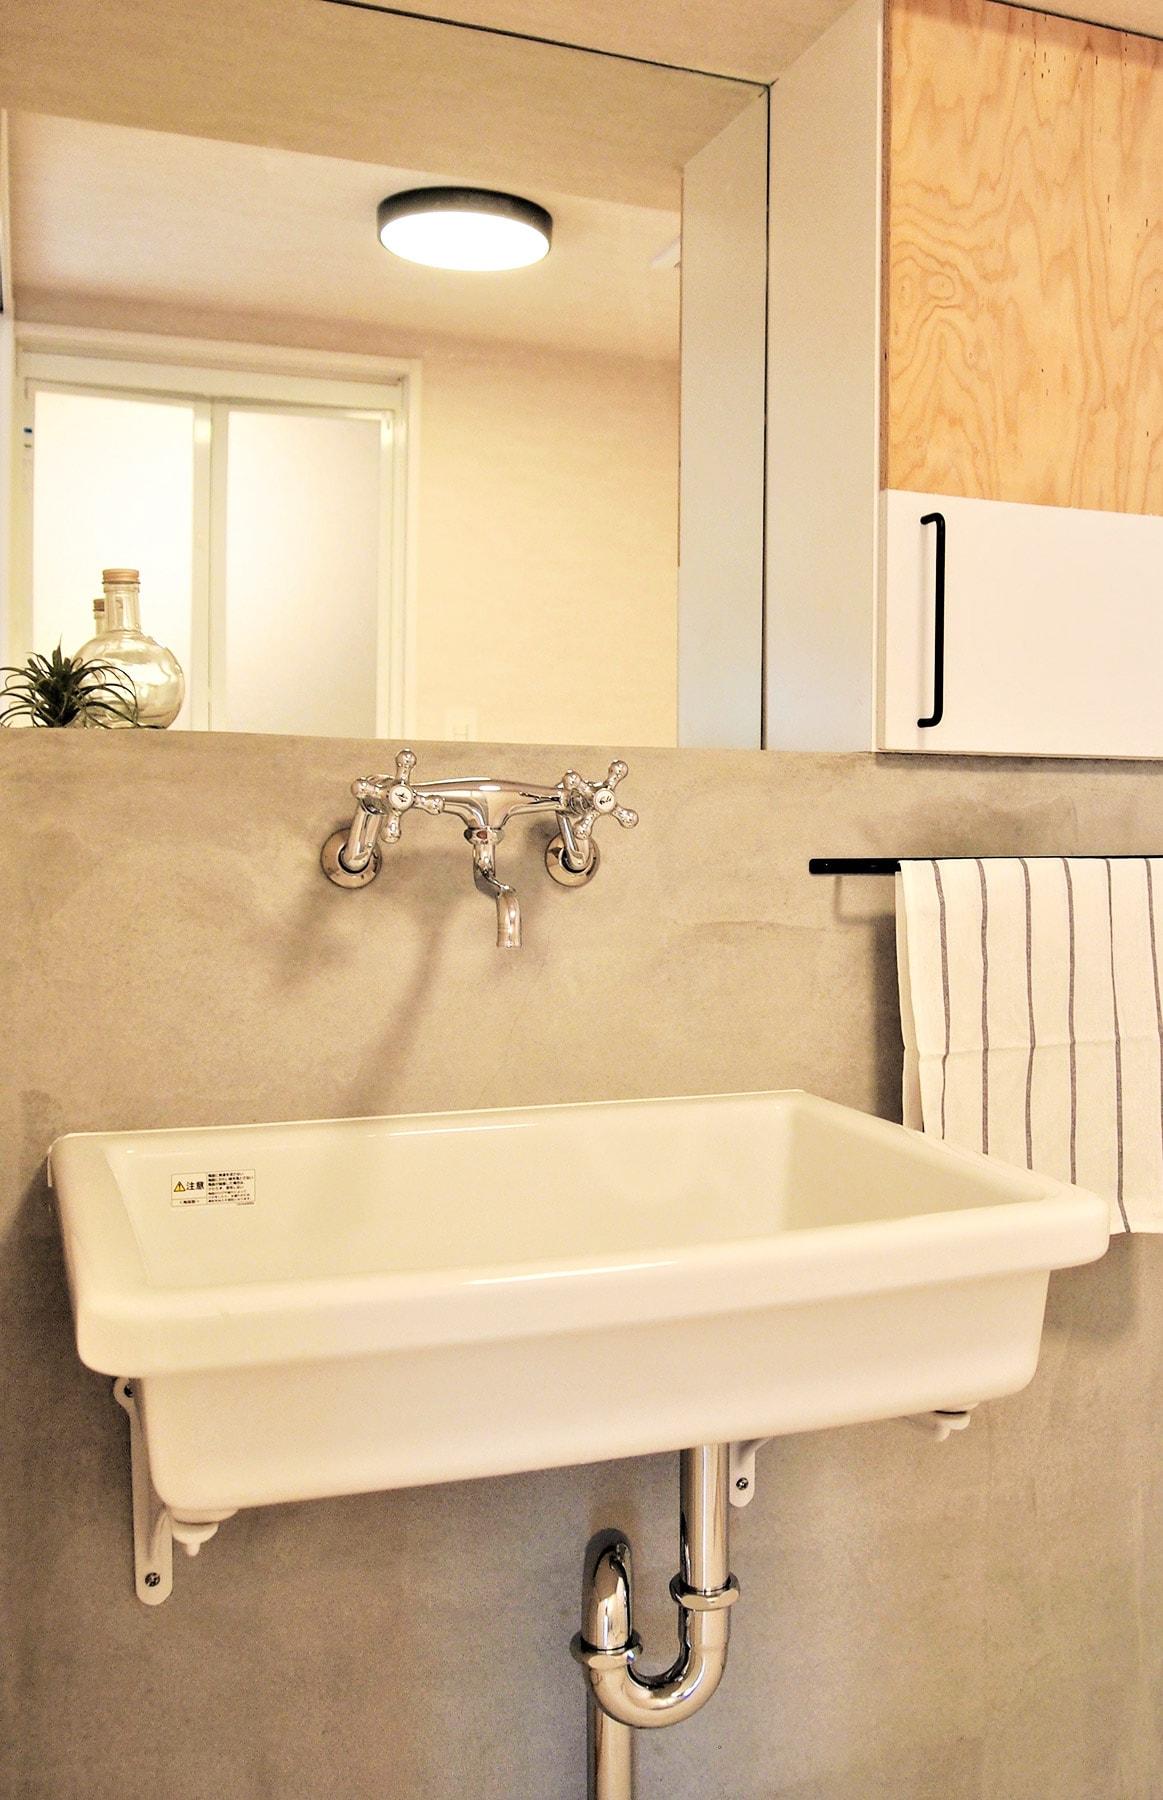 ~洗面台プラン例~ 洗面化粧台設置、モルタル壁、ミラー(同一タイプ) 工事費40万円